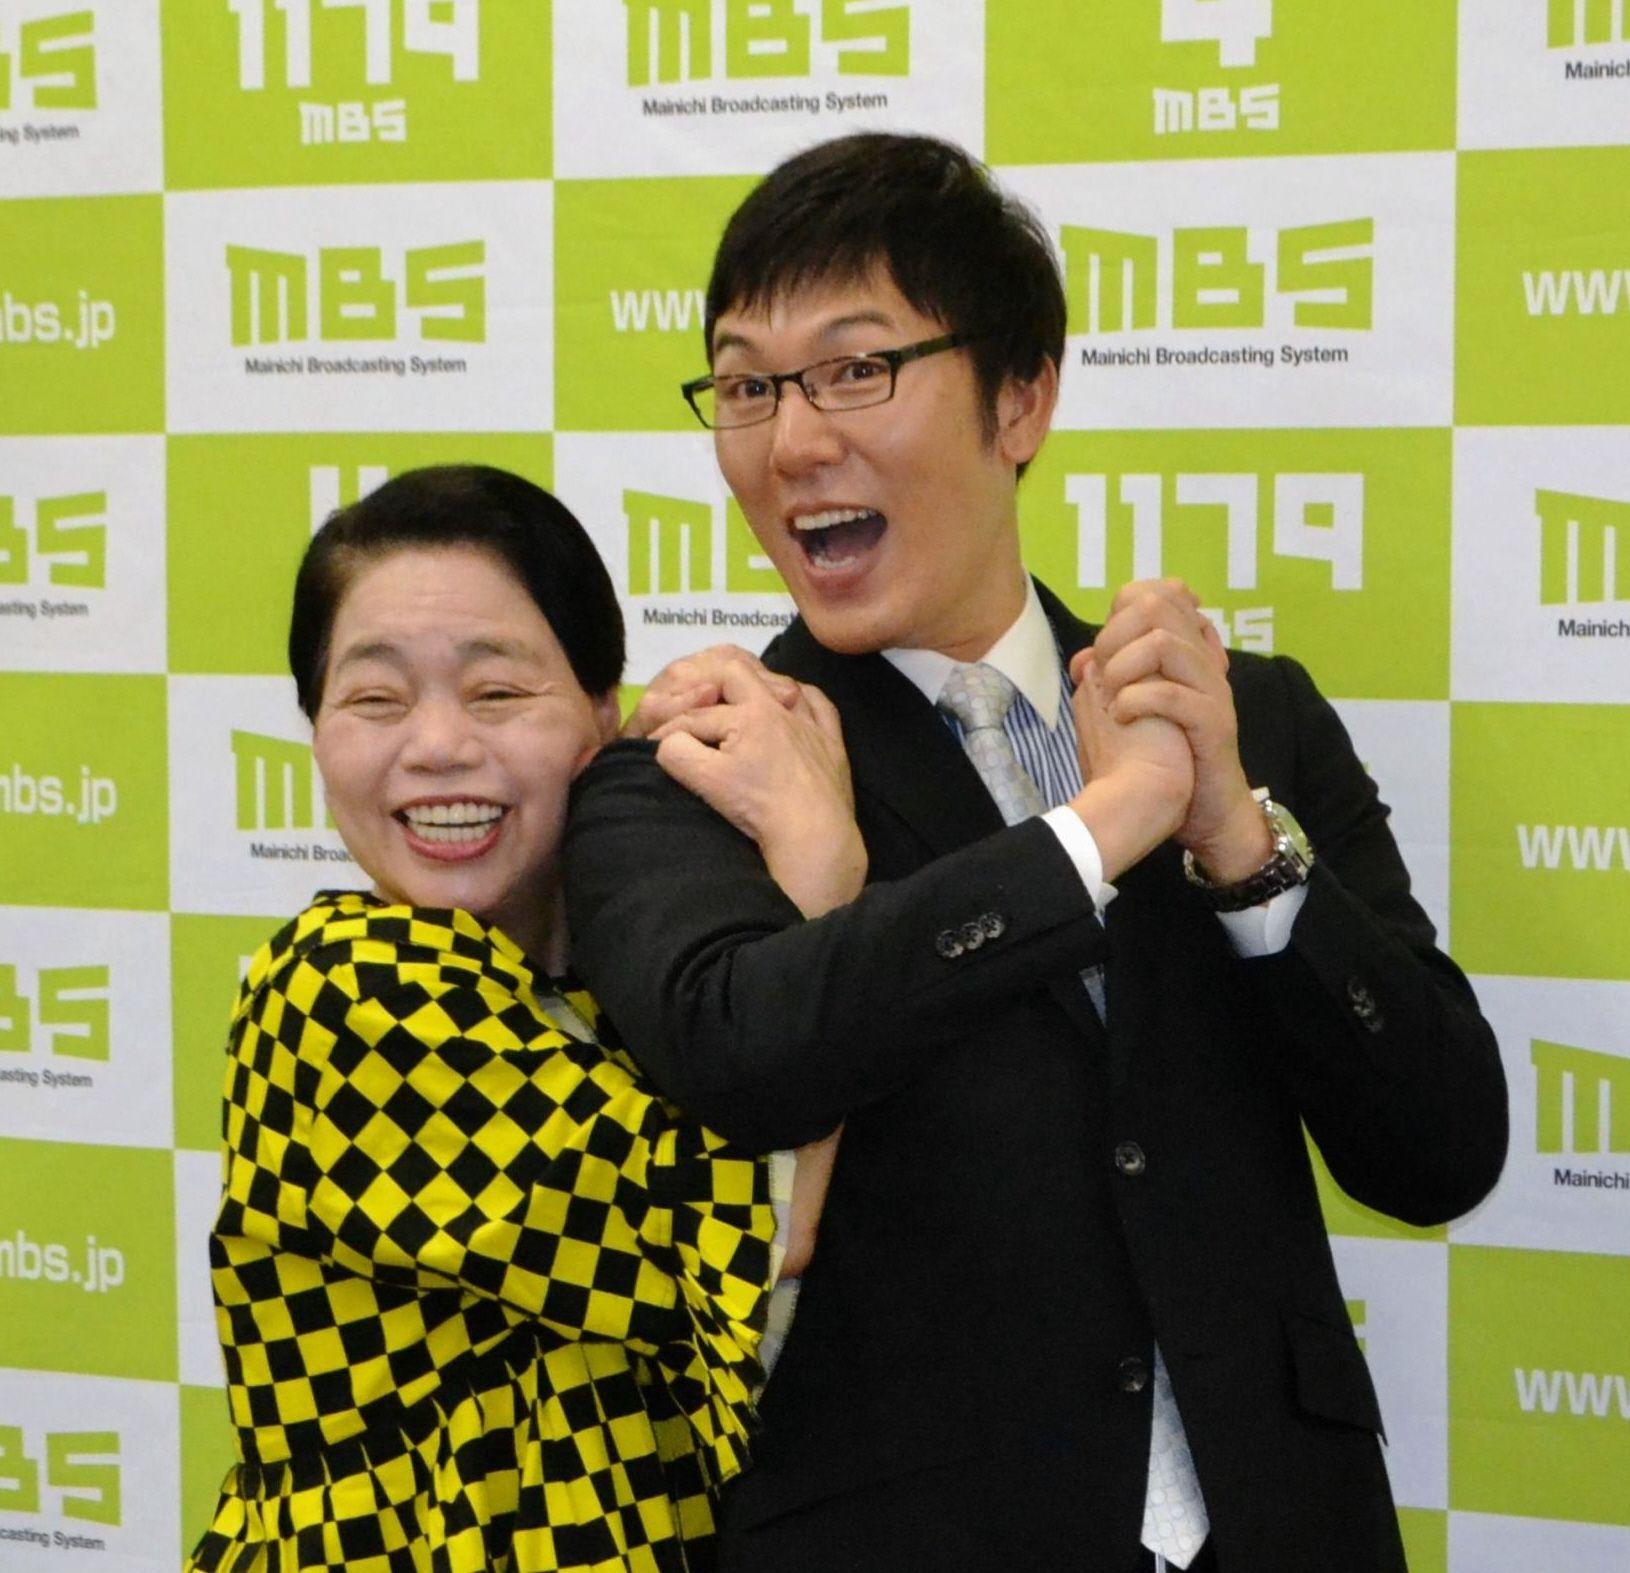 漫才師の今くるよが18日、大阪市のMBSで行われた同局の改編会見に出席。10月6 - Yahoo!ニュース(デイリースポーツ)